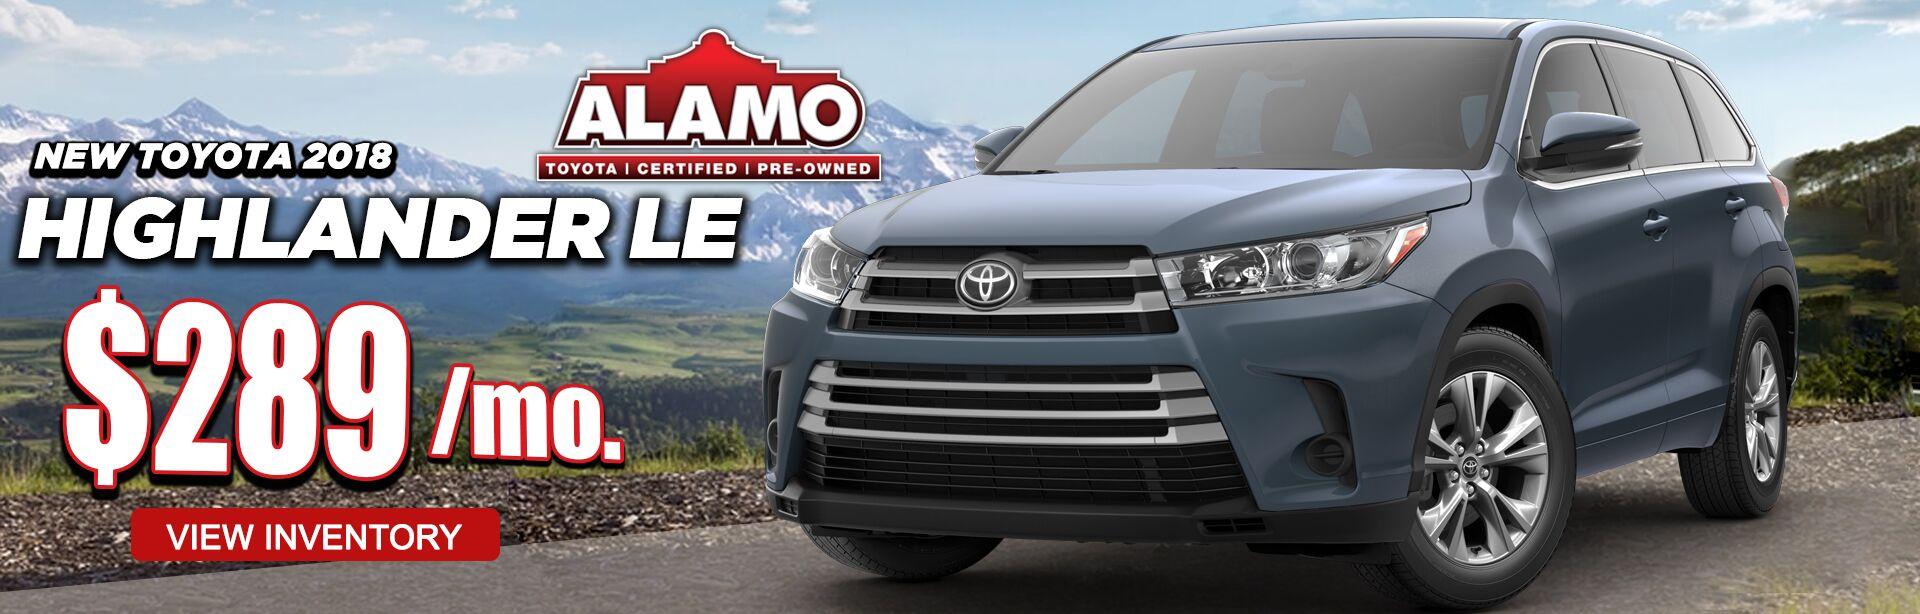 Cartex Motors Houston Texas - impremedia.net